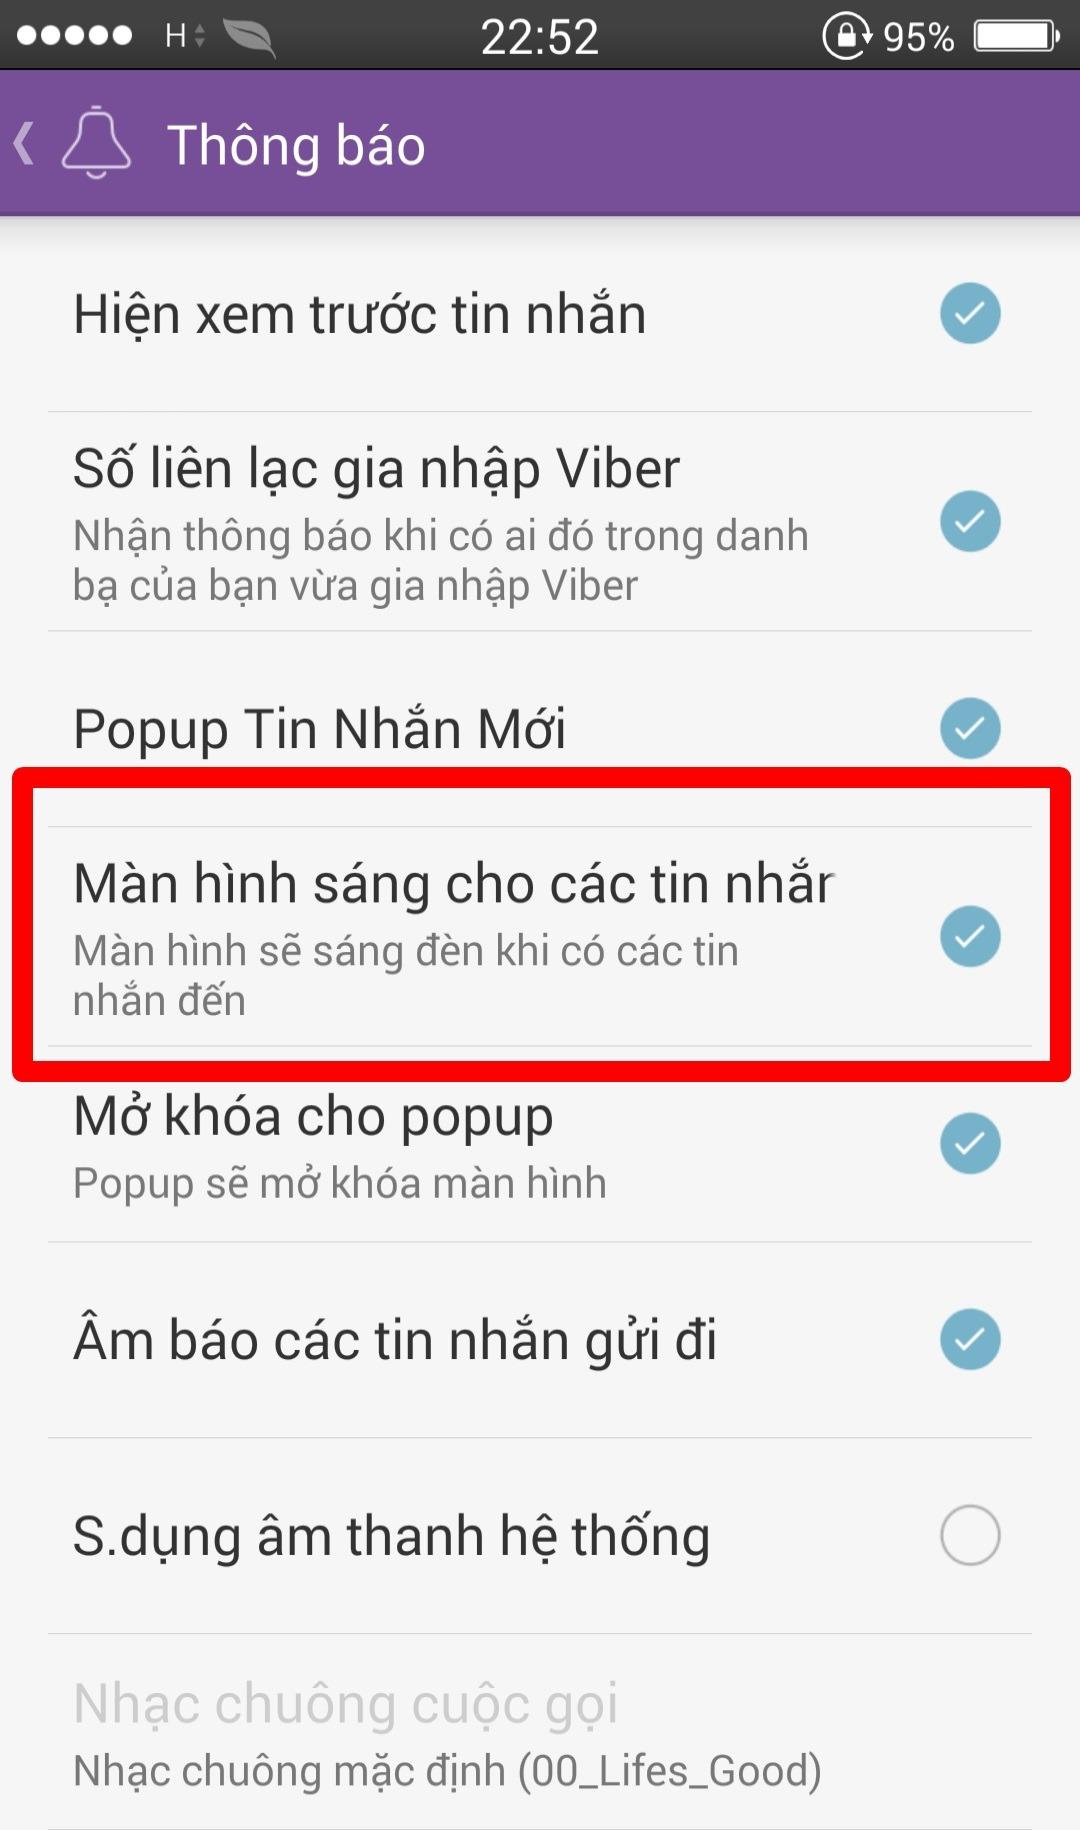 Tắt nhận thông báo của Viber